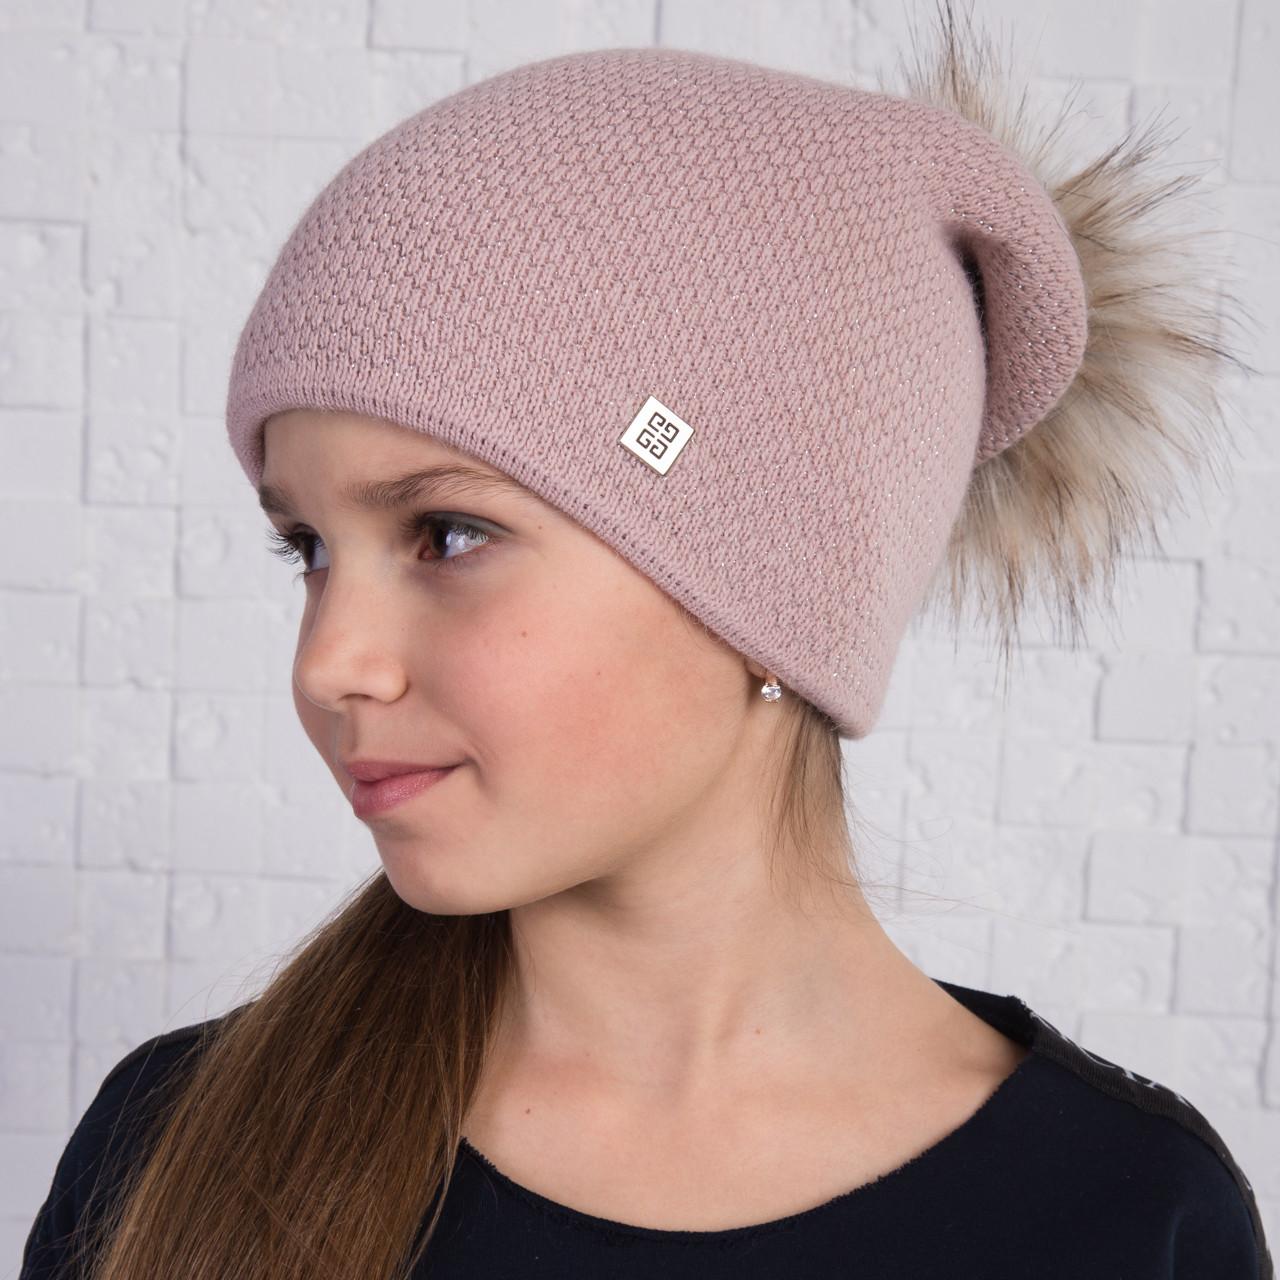 Вязанная шапка с меховым помпоном для девочек на зиму - Артикул 2166 (пудра)